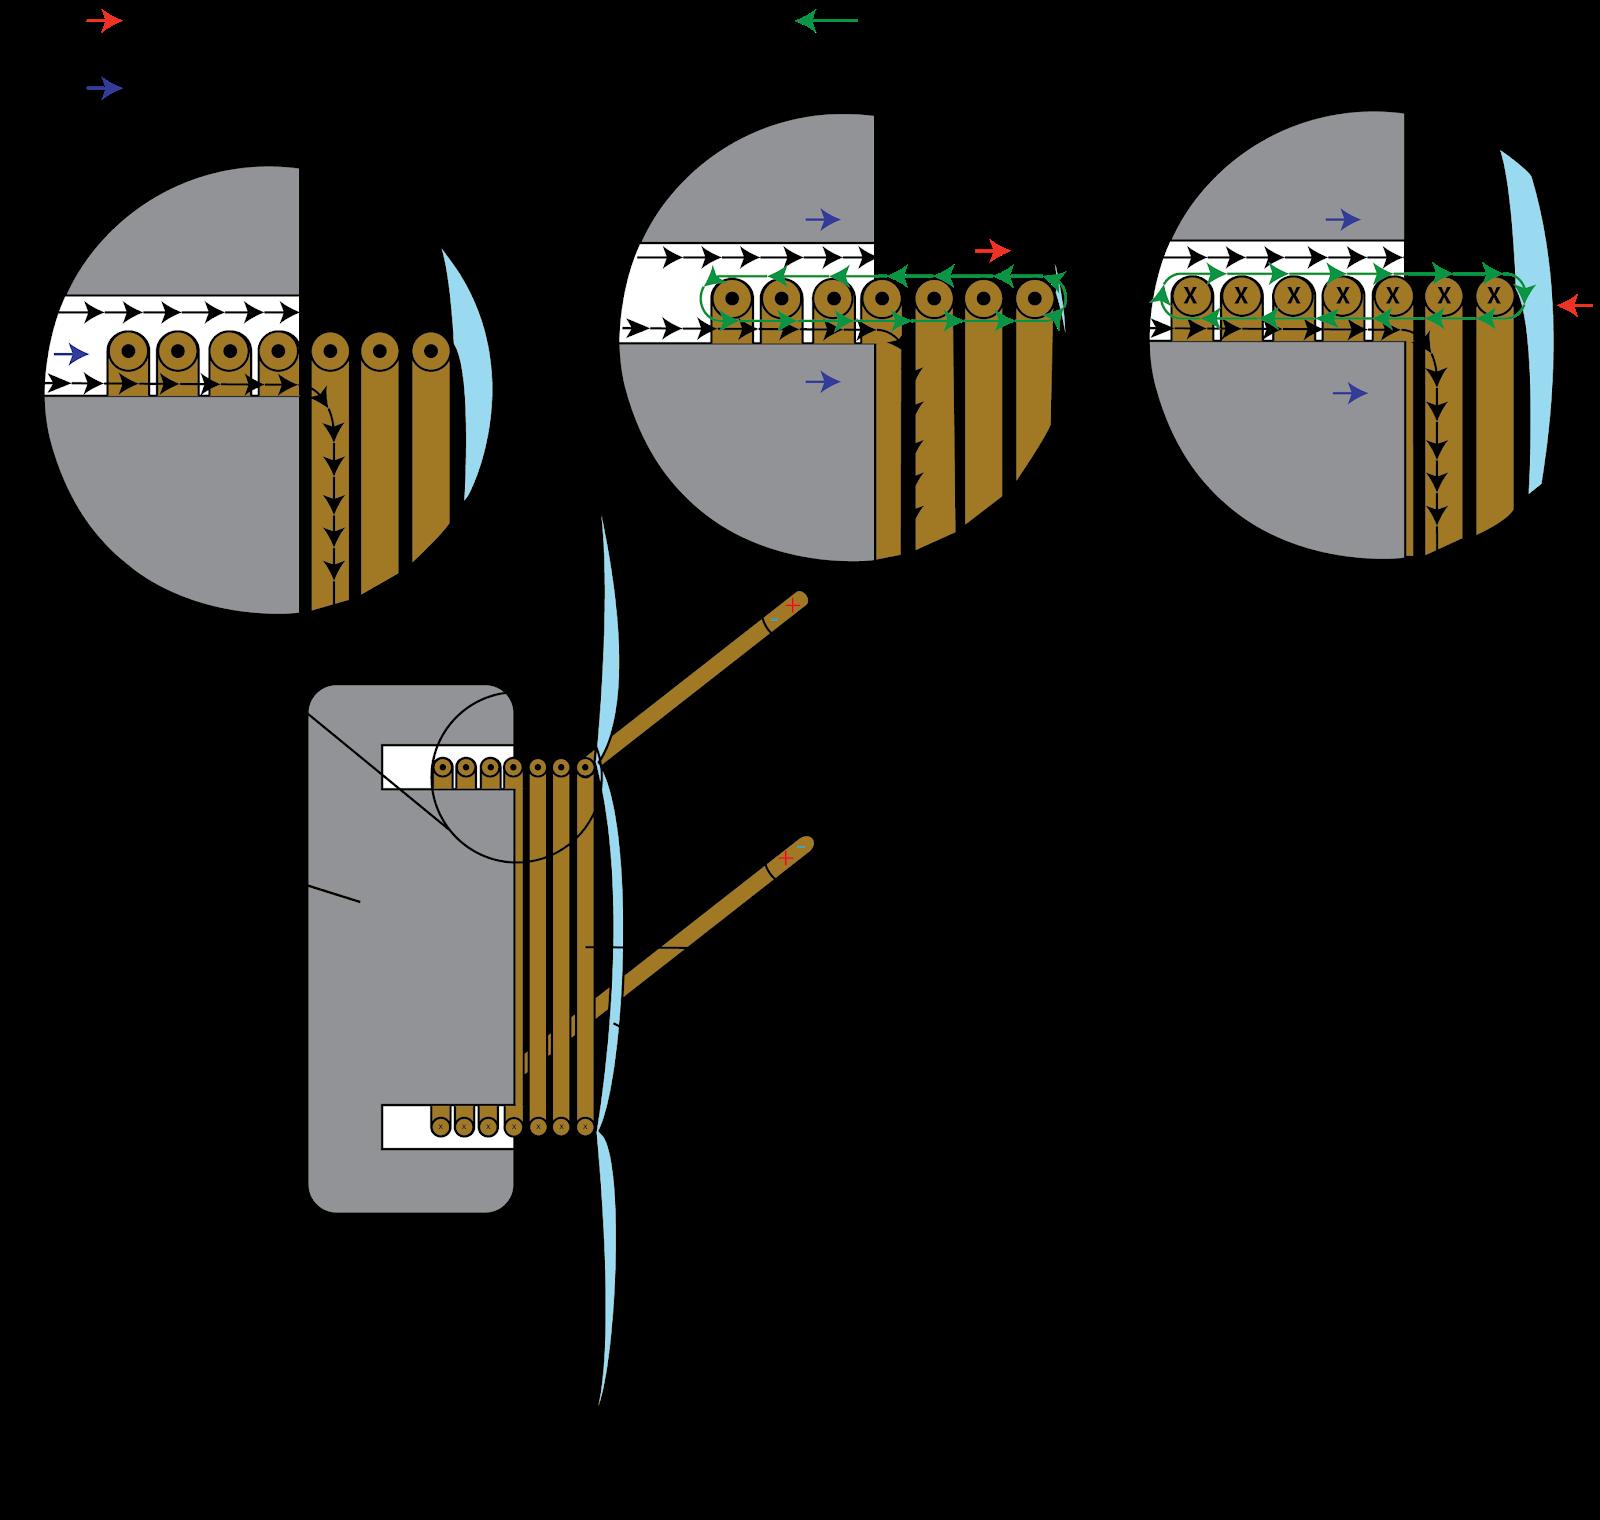 studio headphones speaker wiring diagram headphone [ 1600 x 1520 Pixel ]